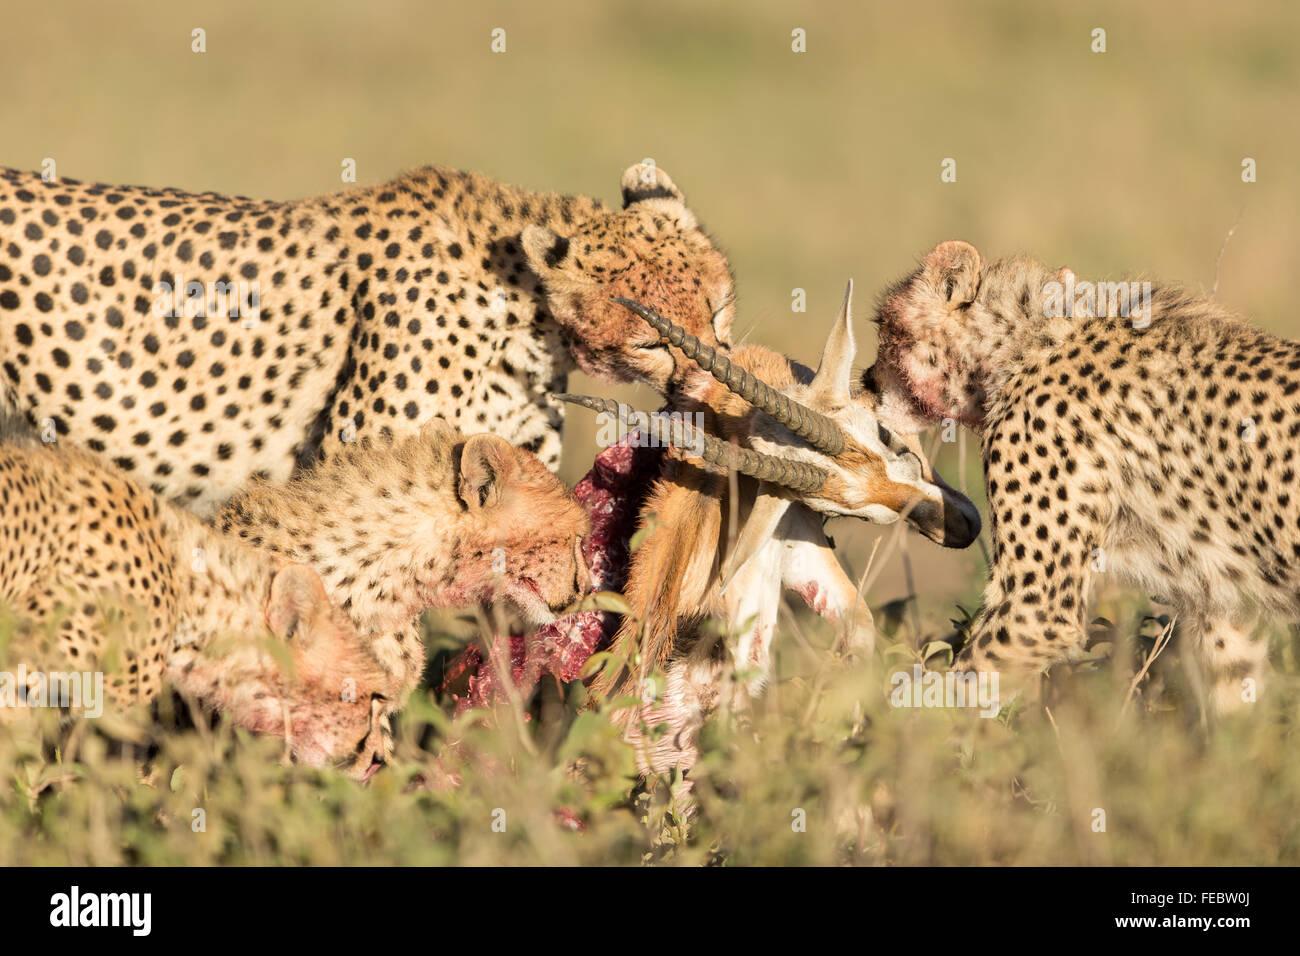 Vier Sub Erwachsene Geparden Fütterung auf Gazelle in der Serengeti-Nationalpark Tansania Stockbild